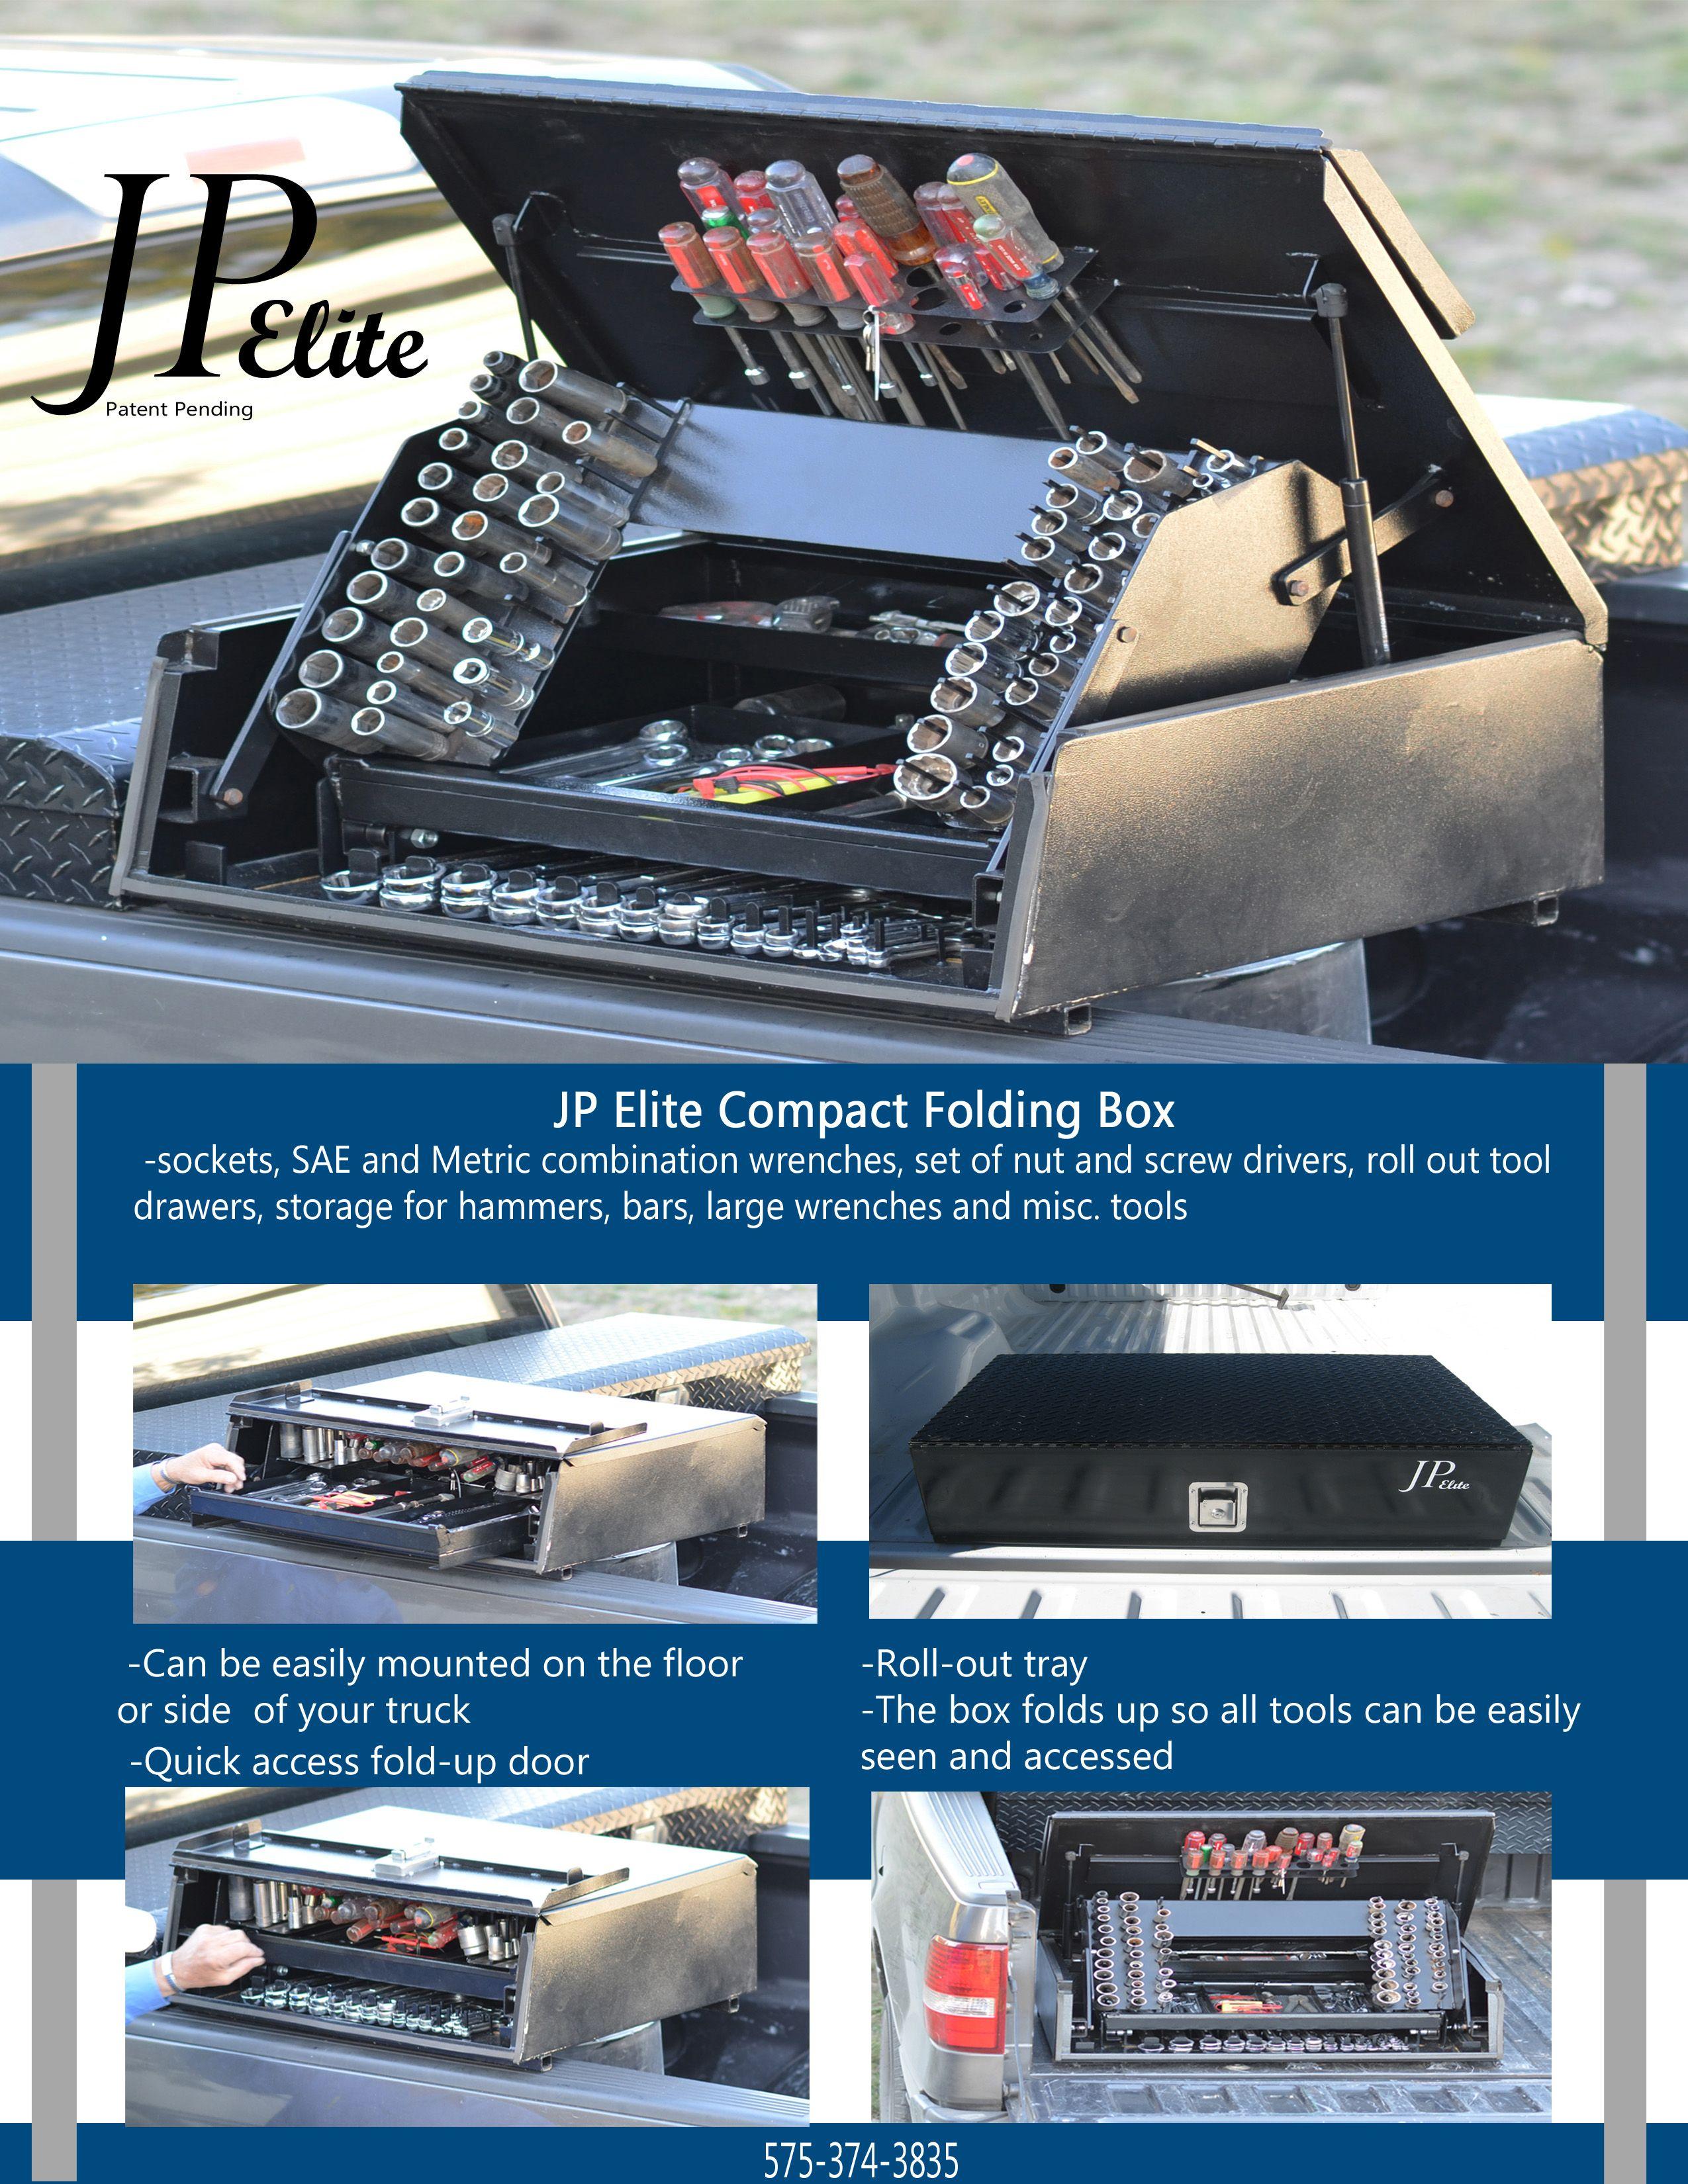 shopnbox jp elite mobile tool storage f350 stuff pinterest outillage garage et id e garage. Black Bedroom Furniture Sets. Home Design Ideas